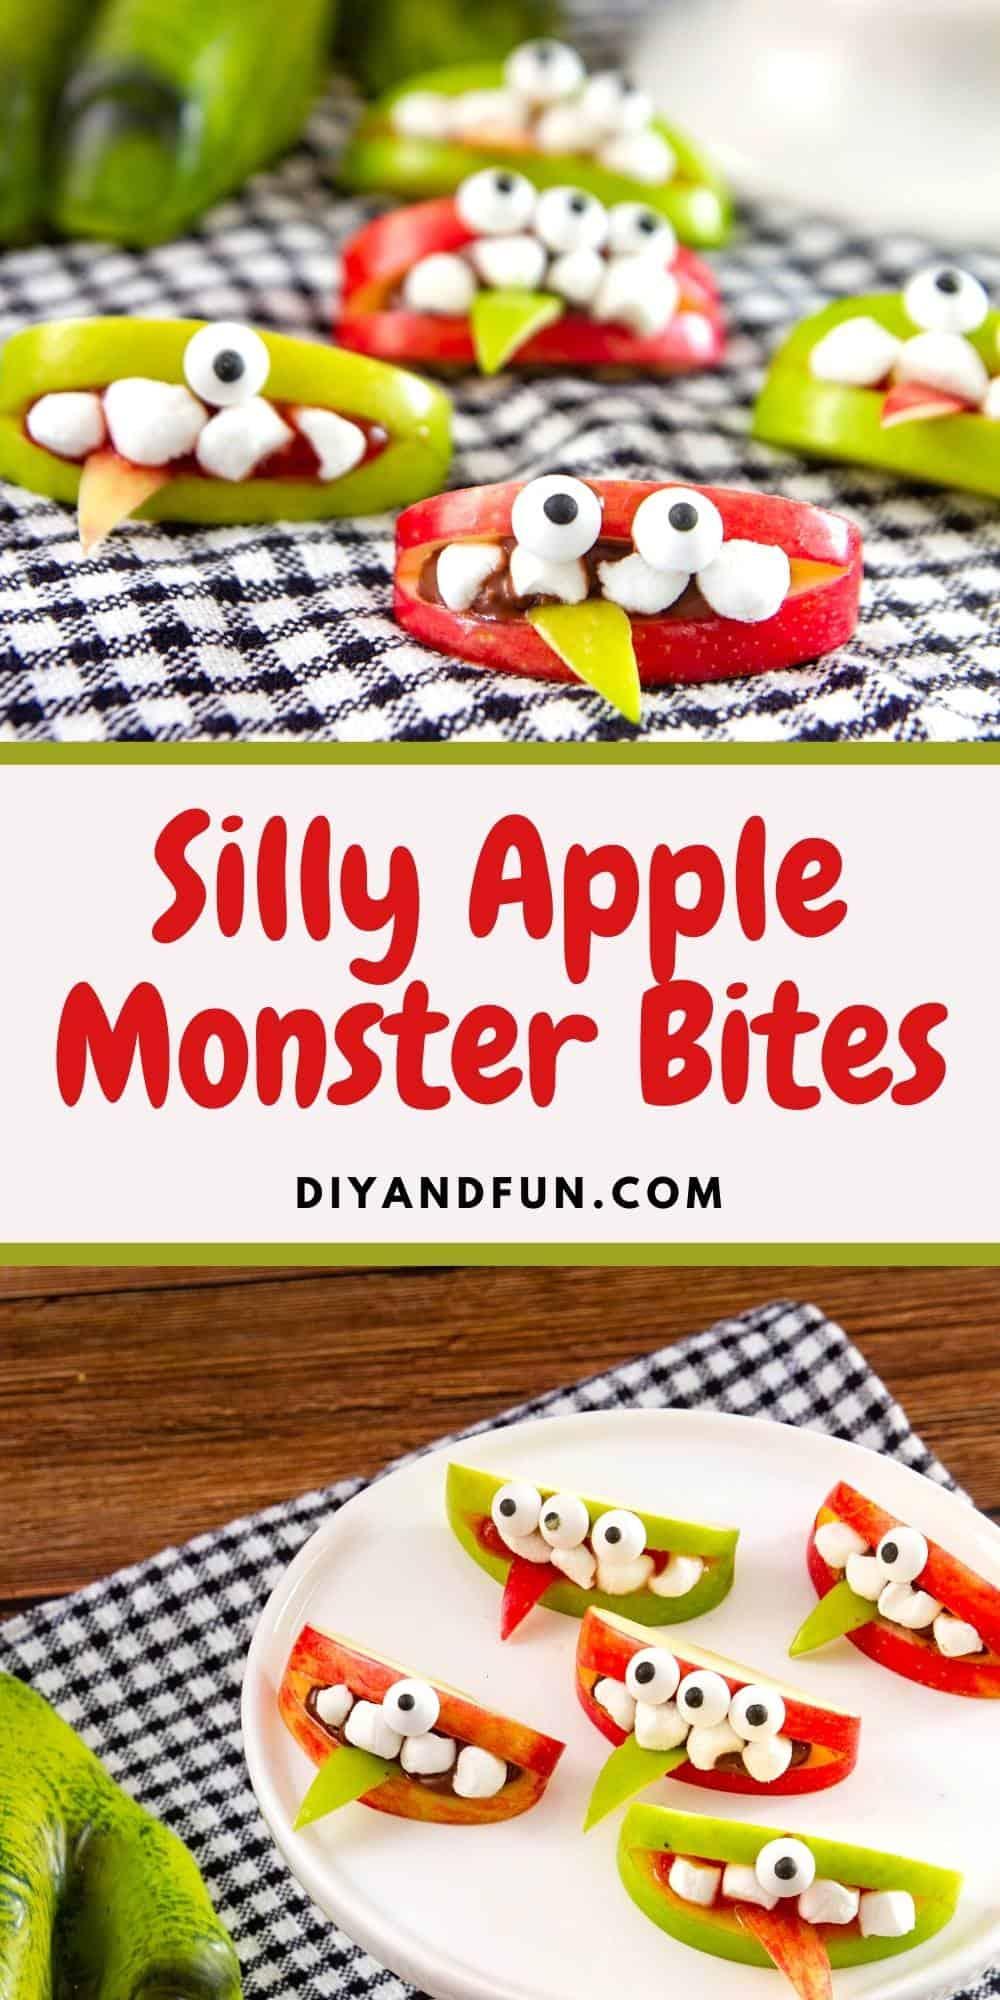 Silly Apple Monster Bites